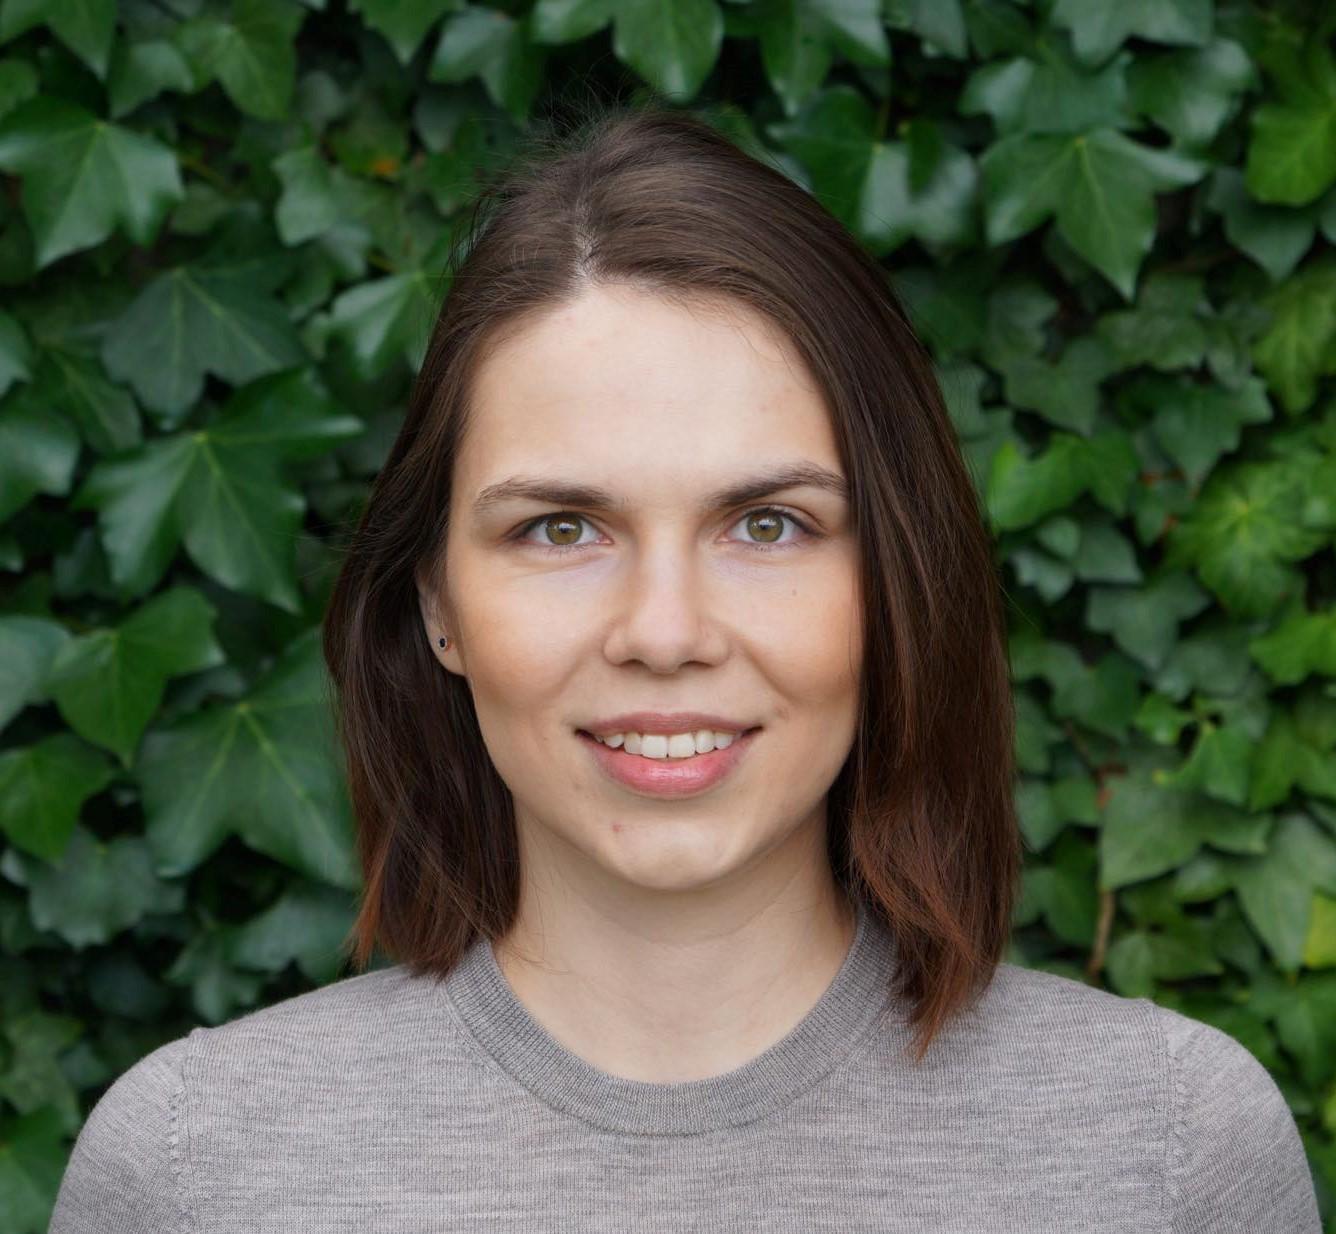 Ksenia Rosina